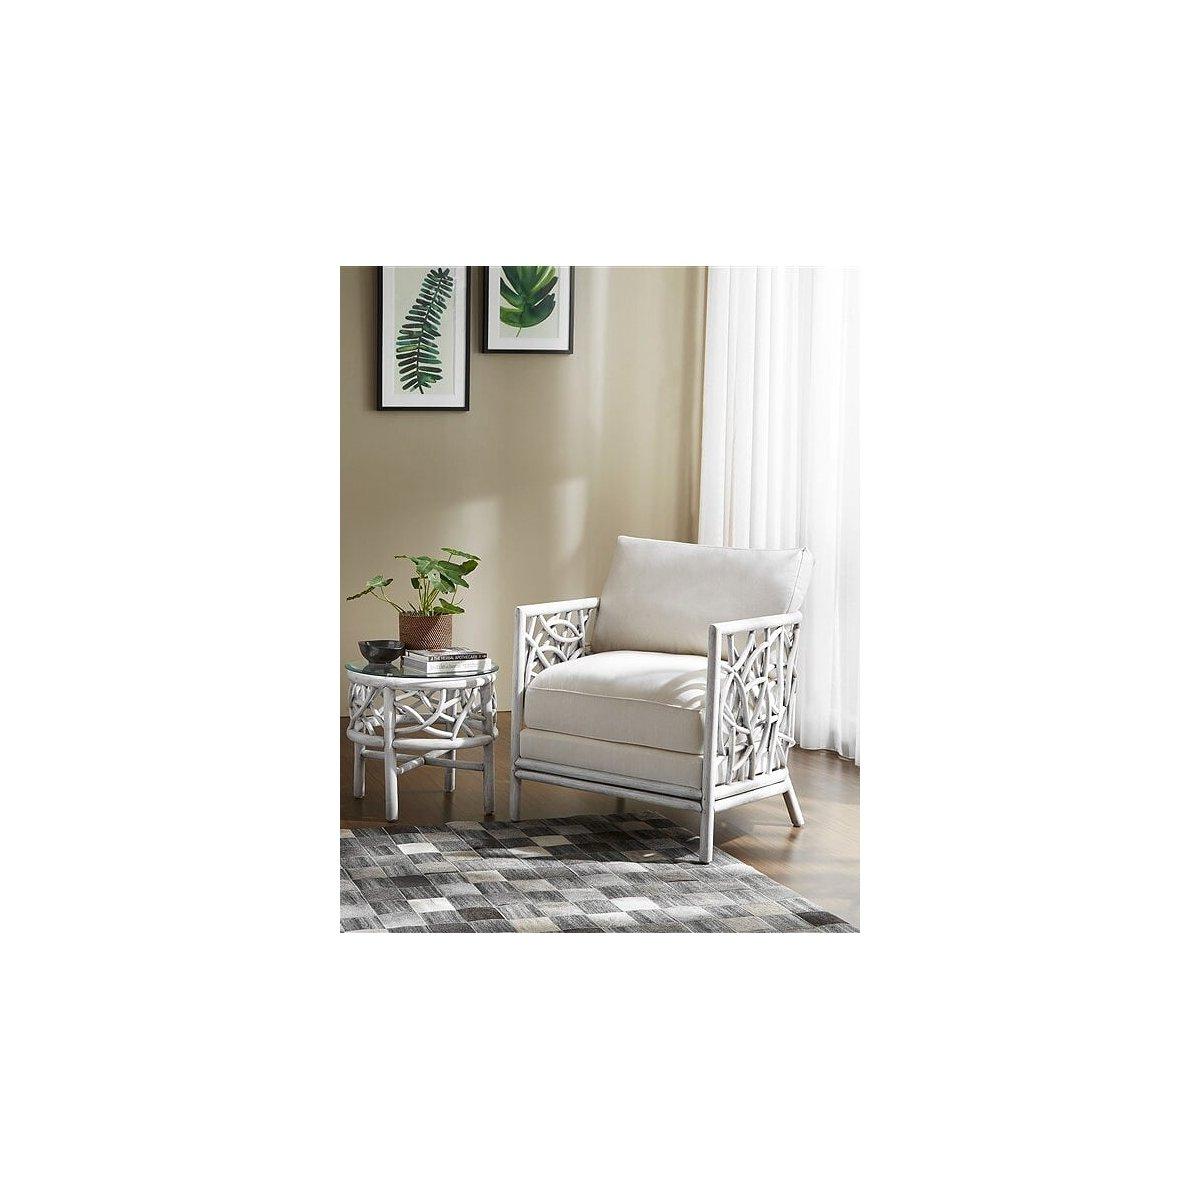 tavolino e poltrona modello Cobaya bianco anticato